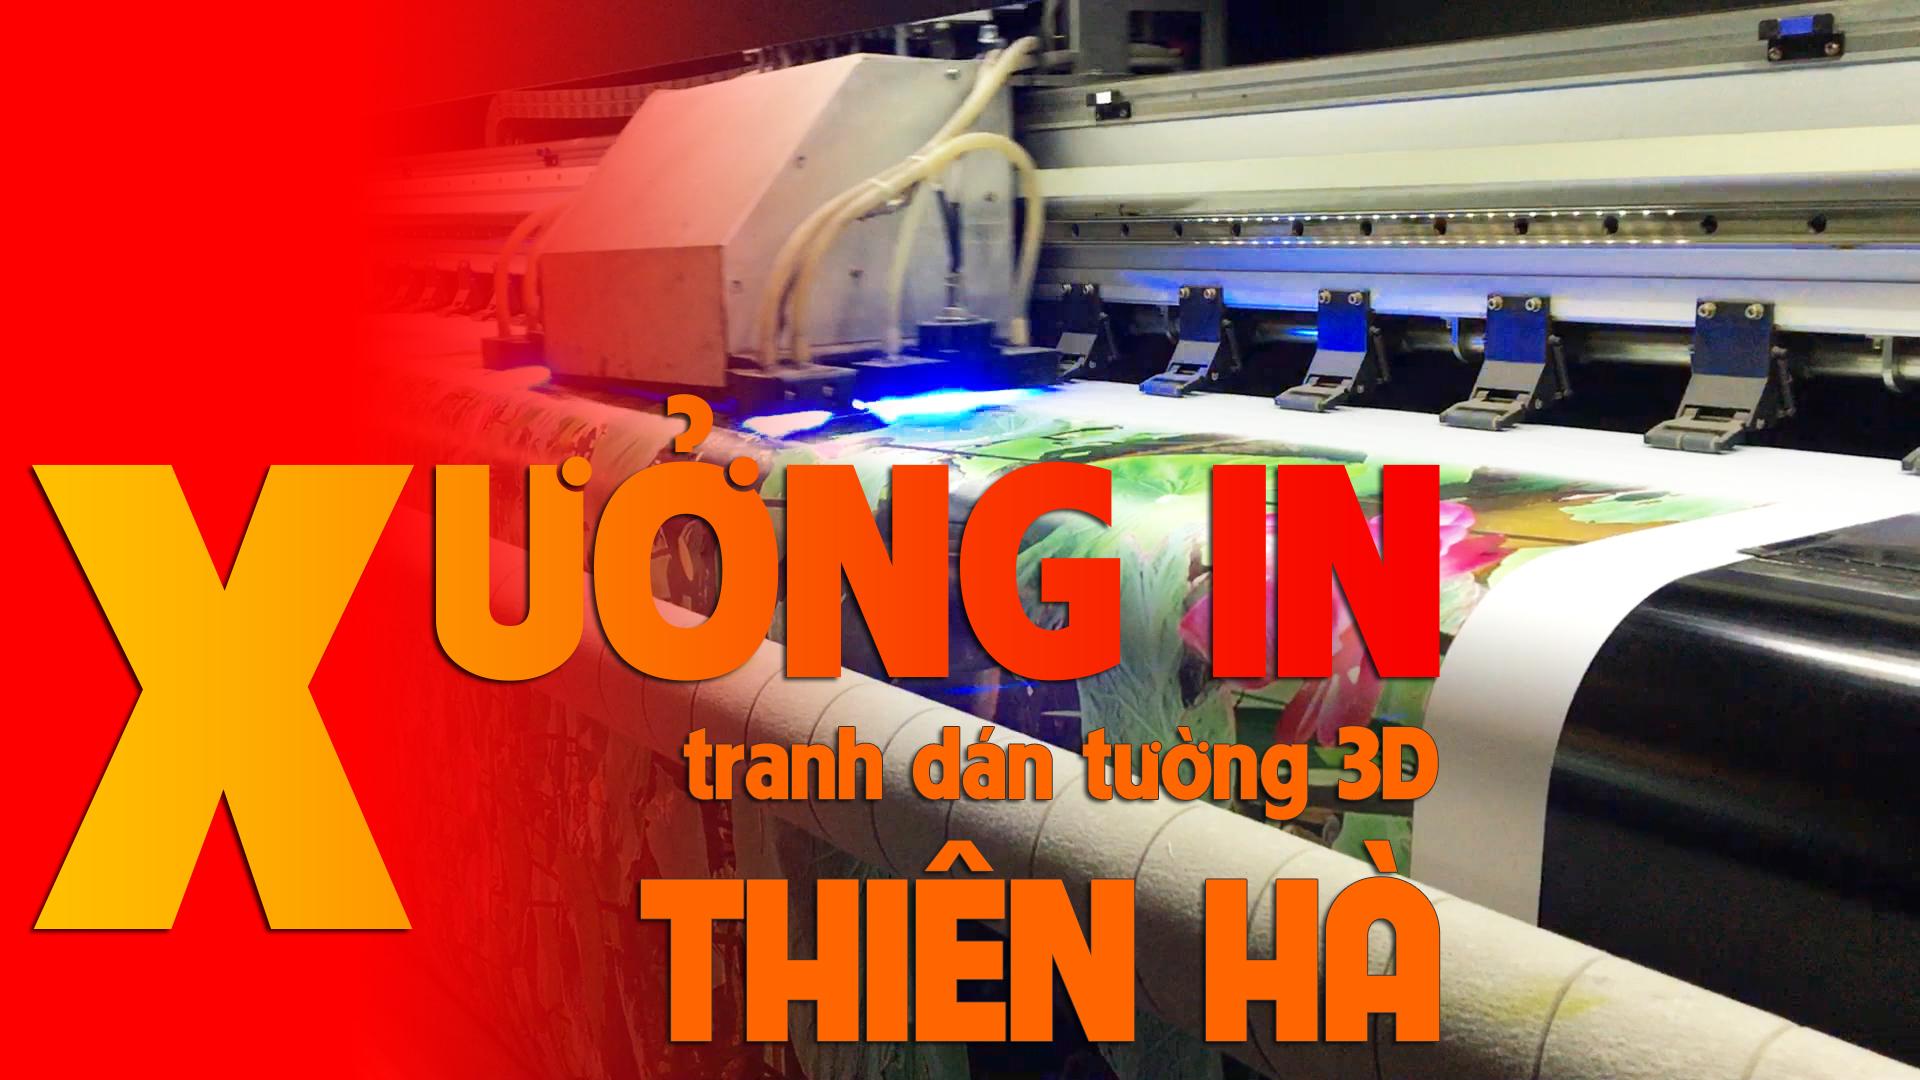 In tranh dán tường 3d rẻ nhất Hà Nội, TPHCM, chiết khấu cao cho đại lý